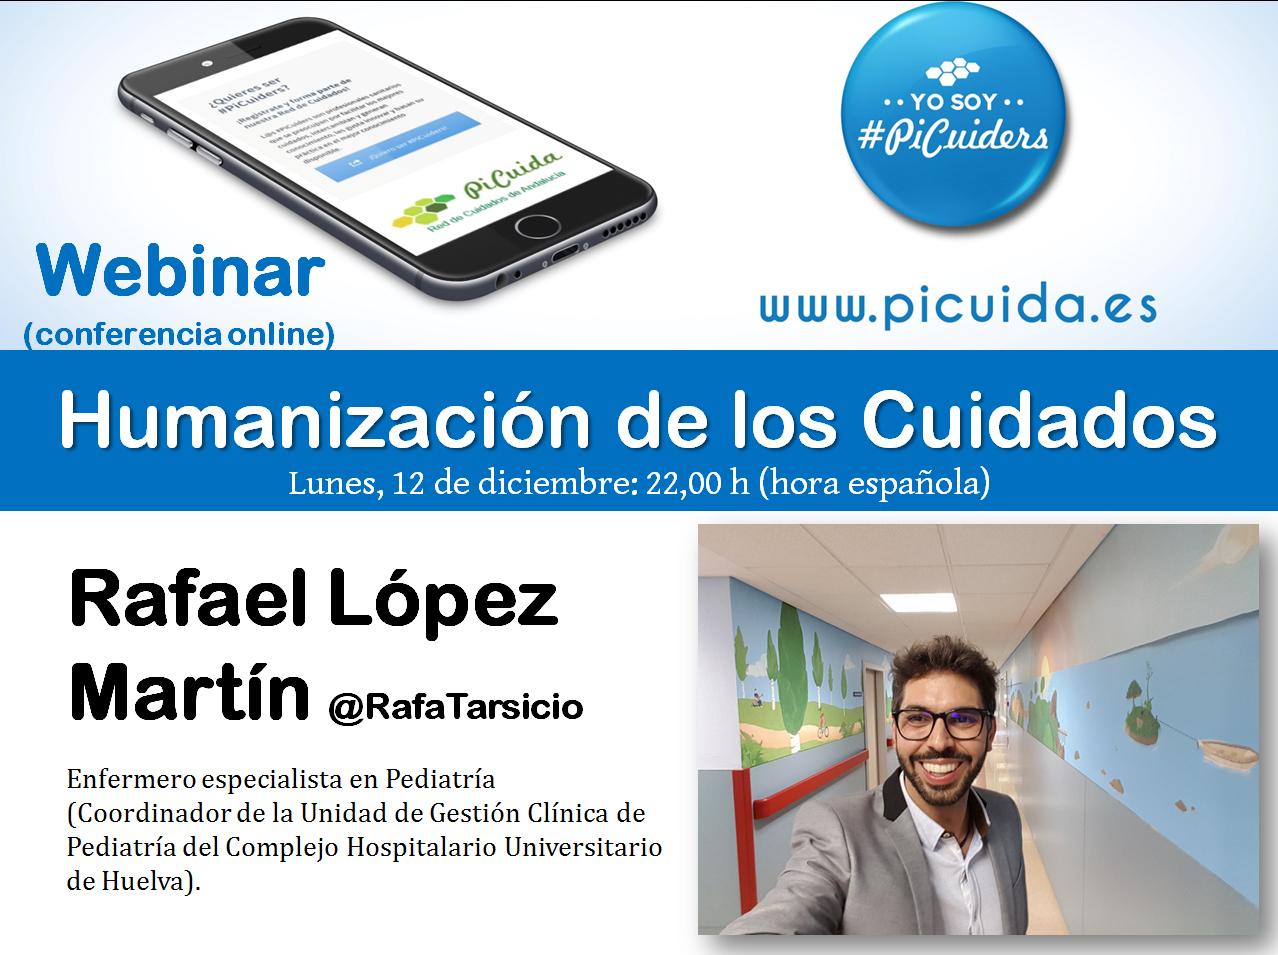 Webinar en #PiCuida sobre Humanización de los cuidados